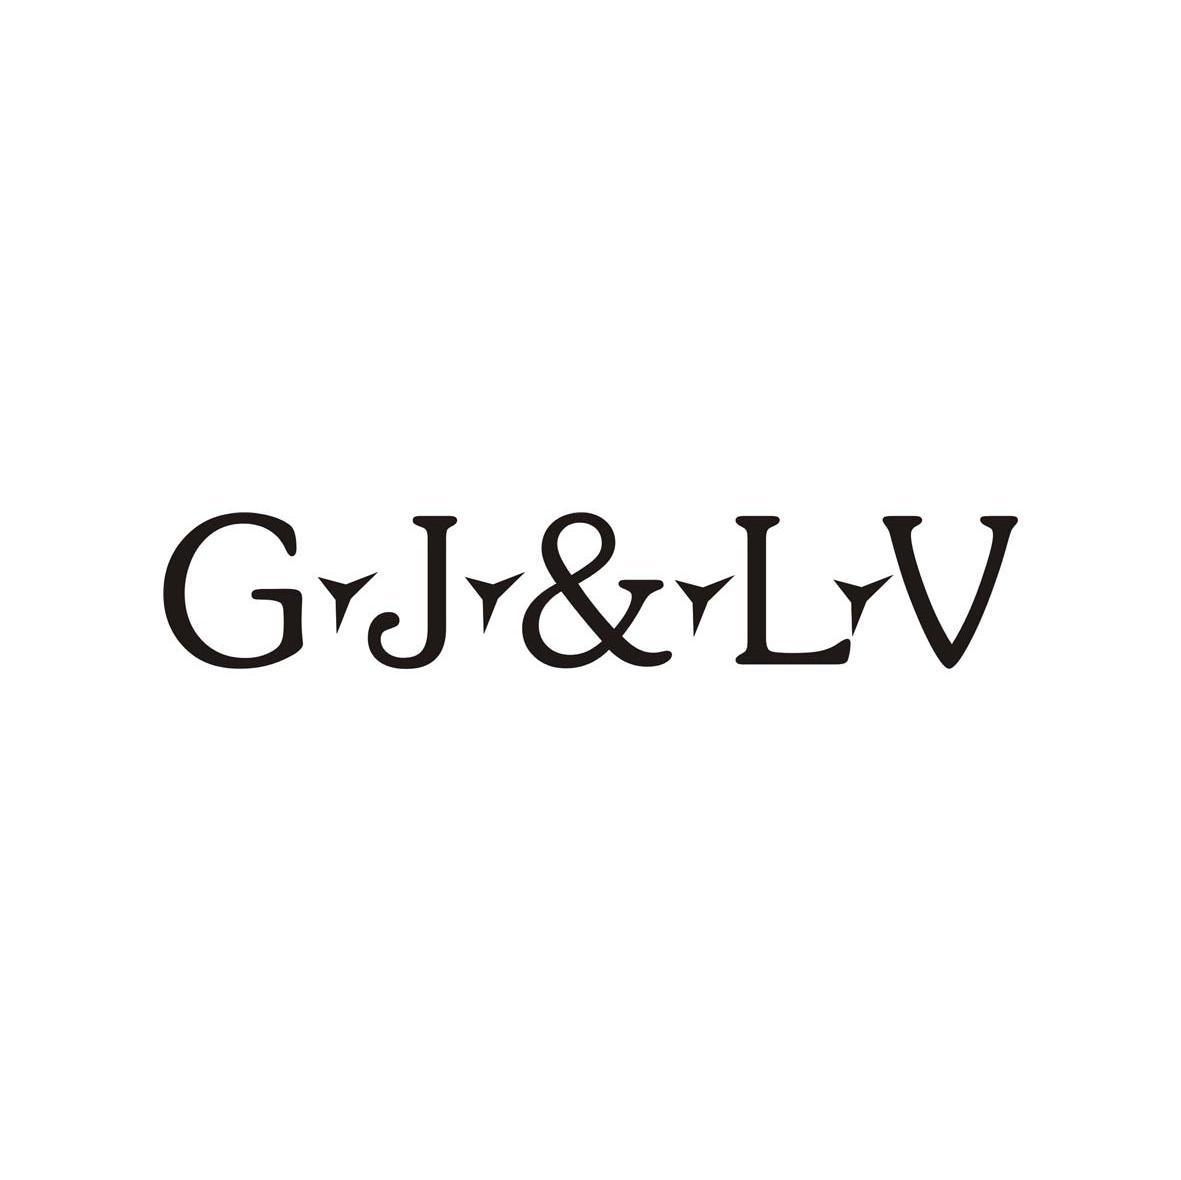 GJ&LV